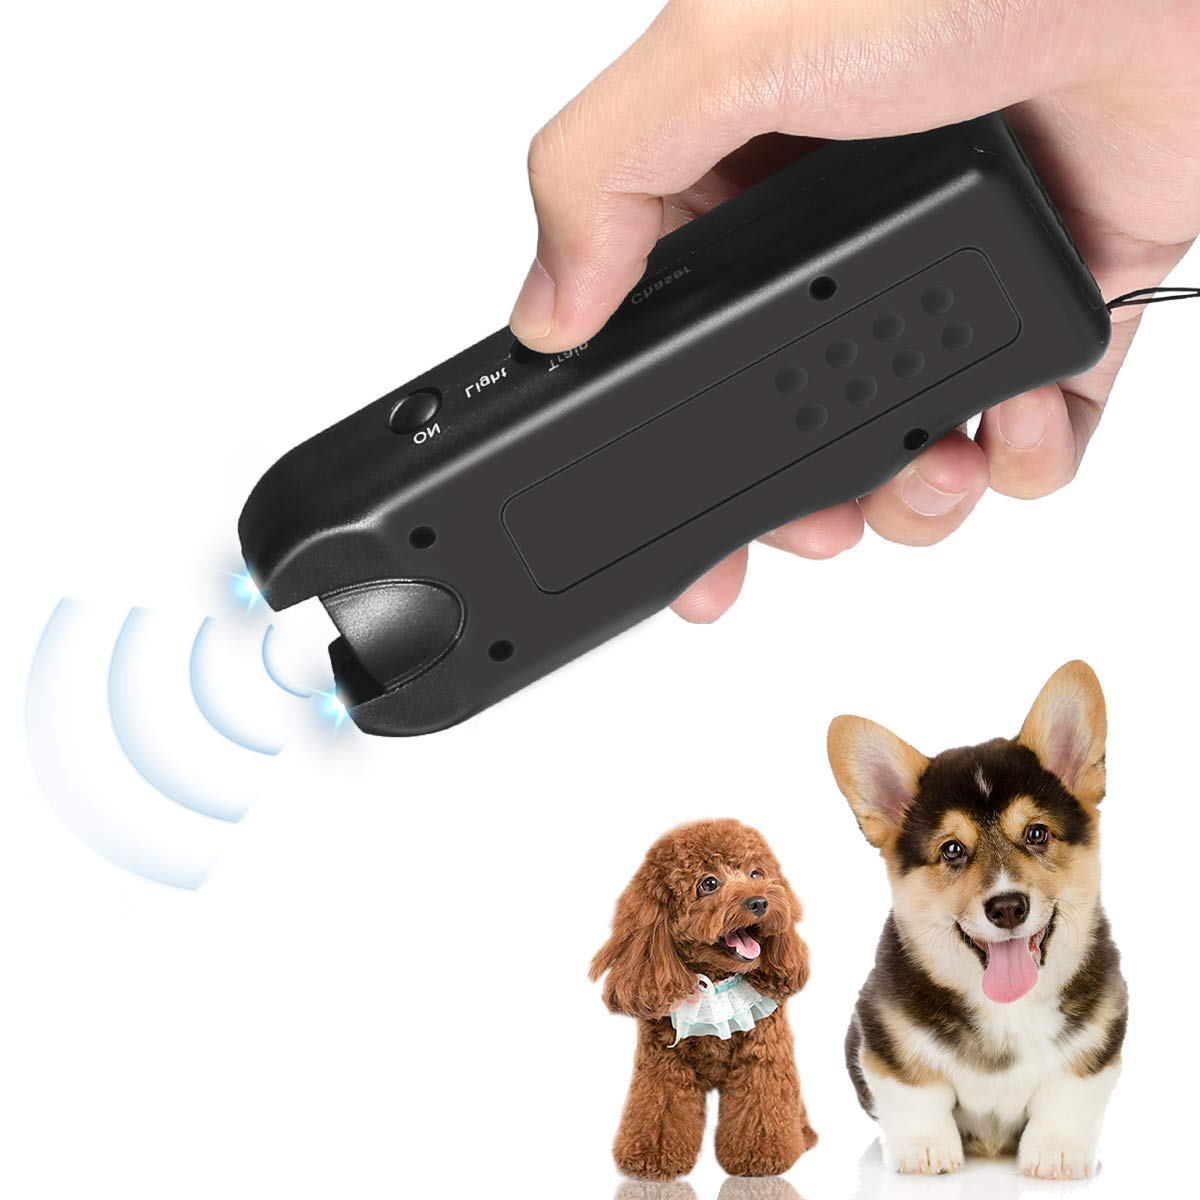 Handheld Dog Repellent, Ultrasonic Infrared Dog Deterrent, Bark Stopper + Good Behavior Dog Training